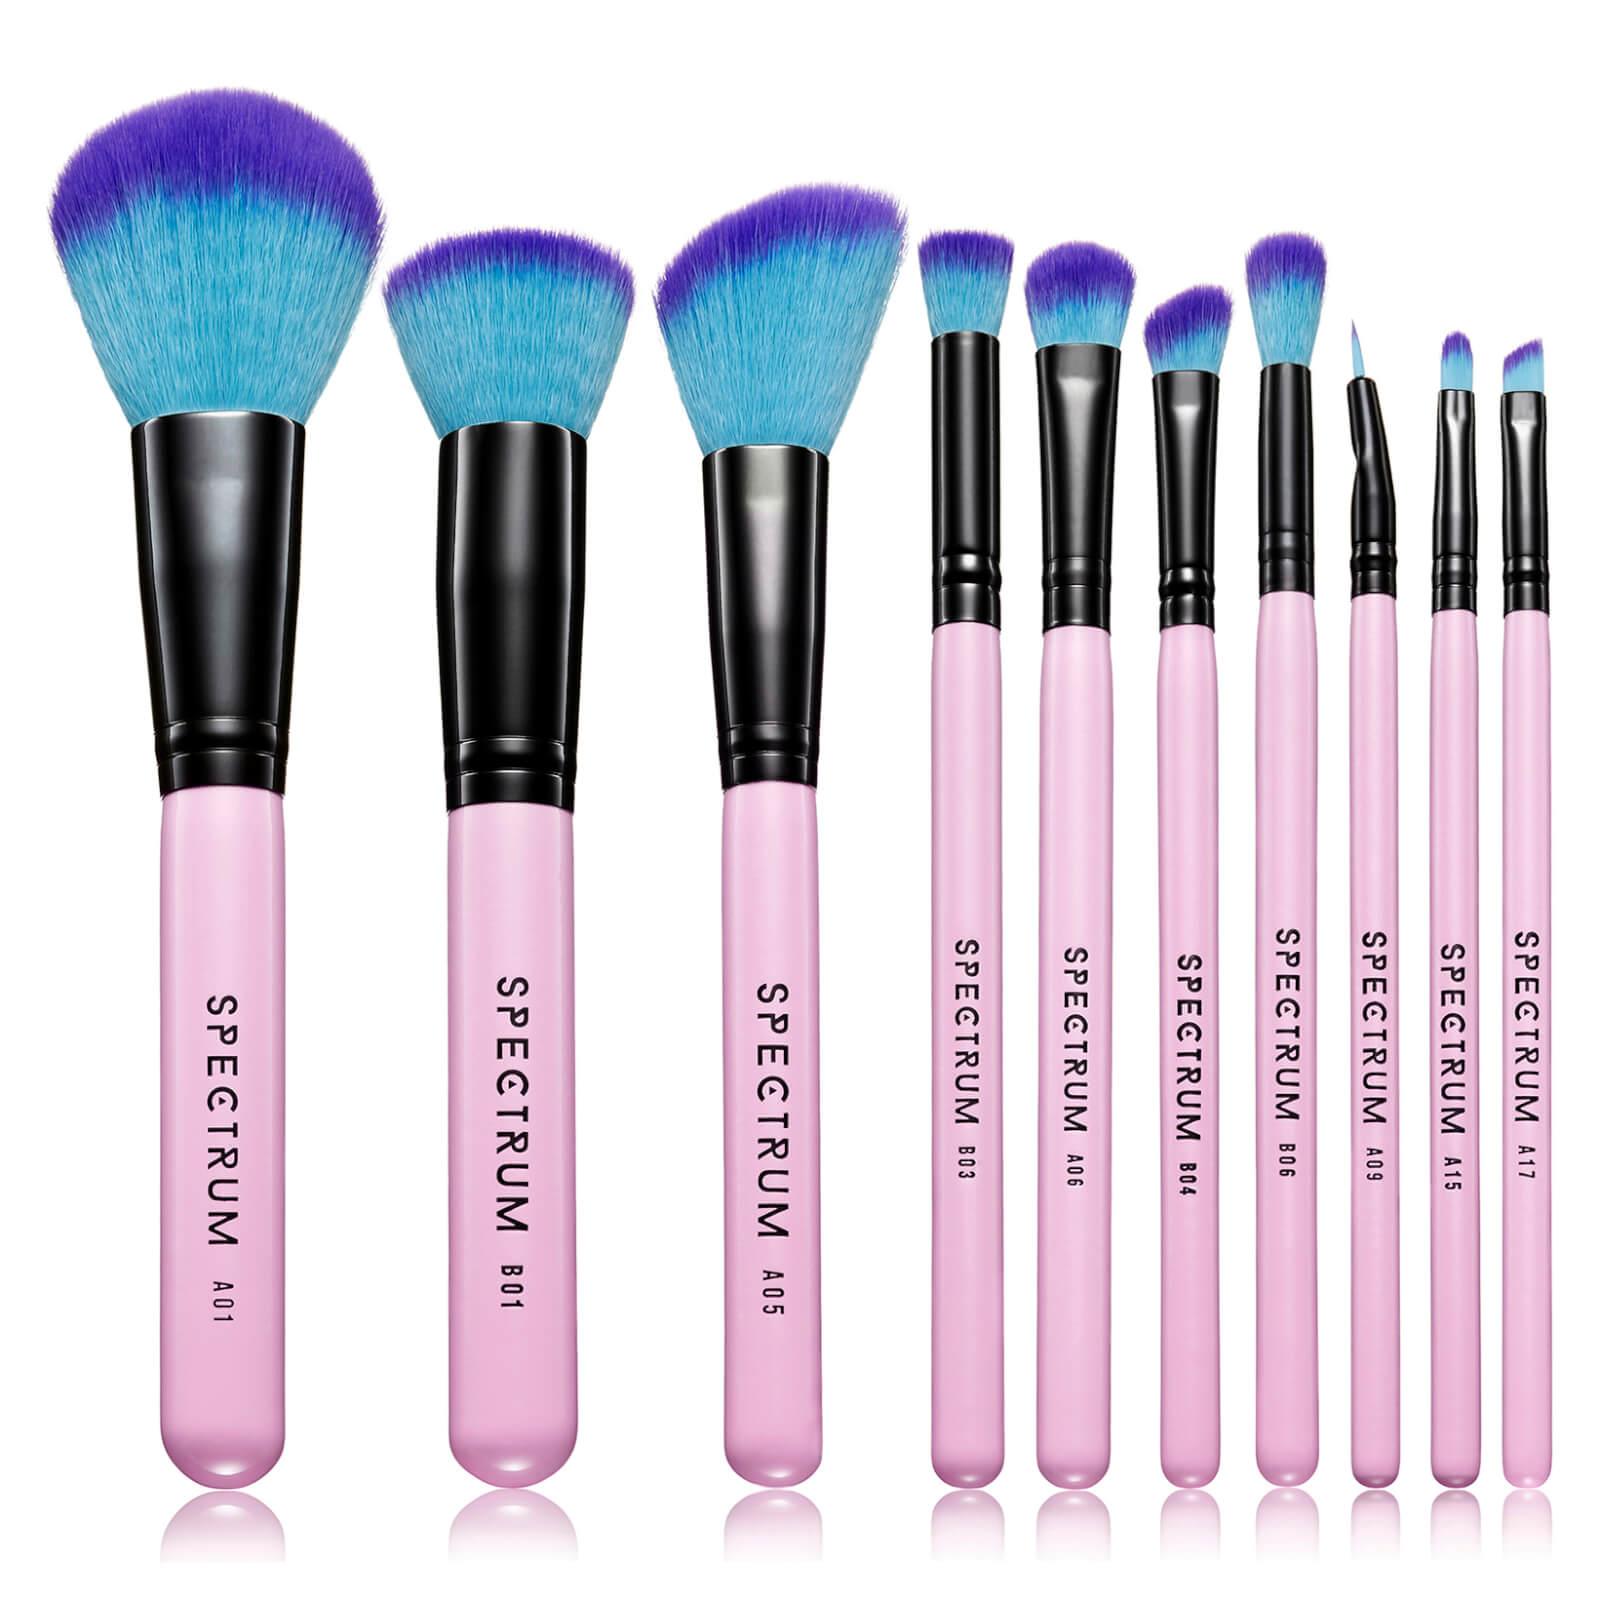 Купить Spectrum Collections 10 Piece Essential Brush Set